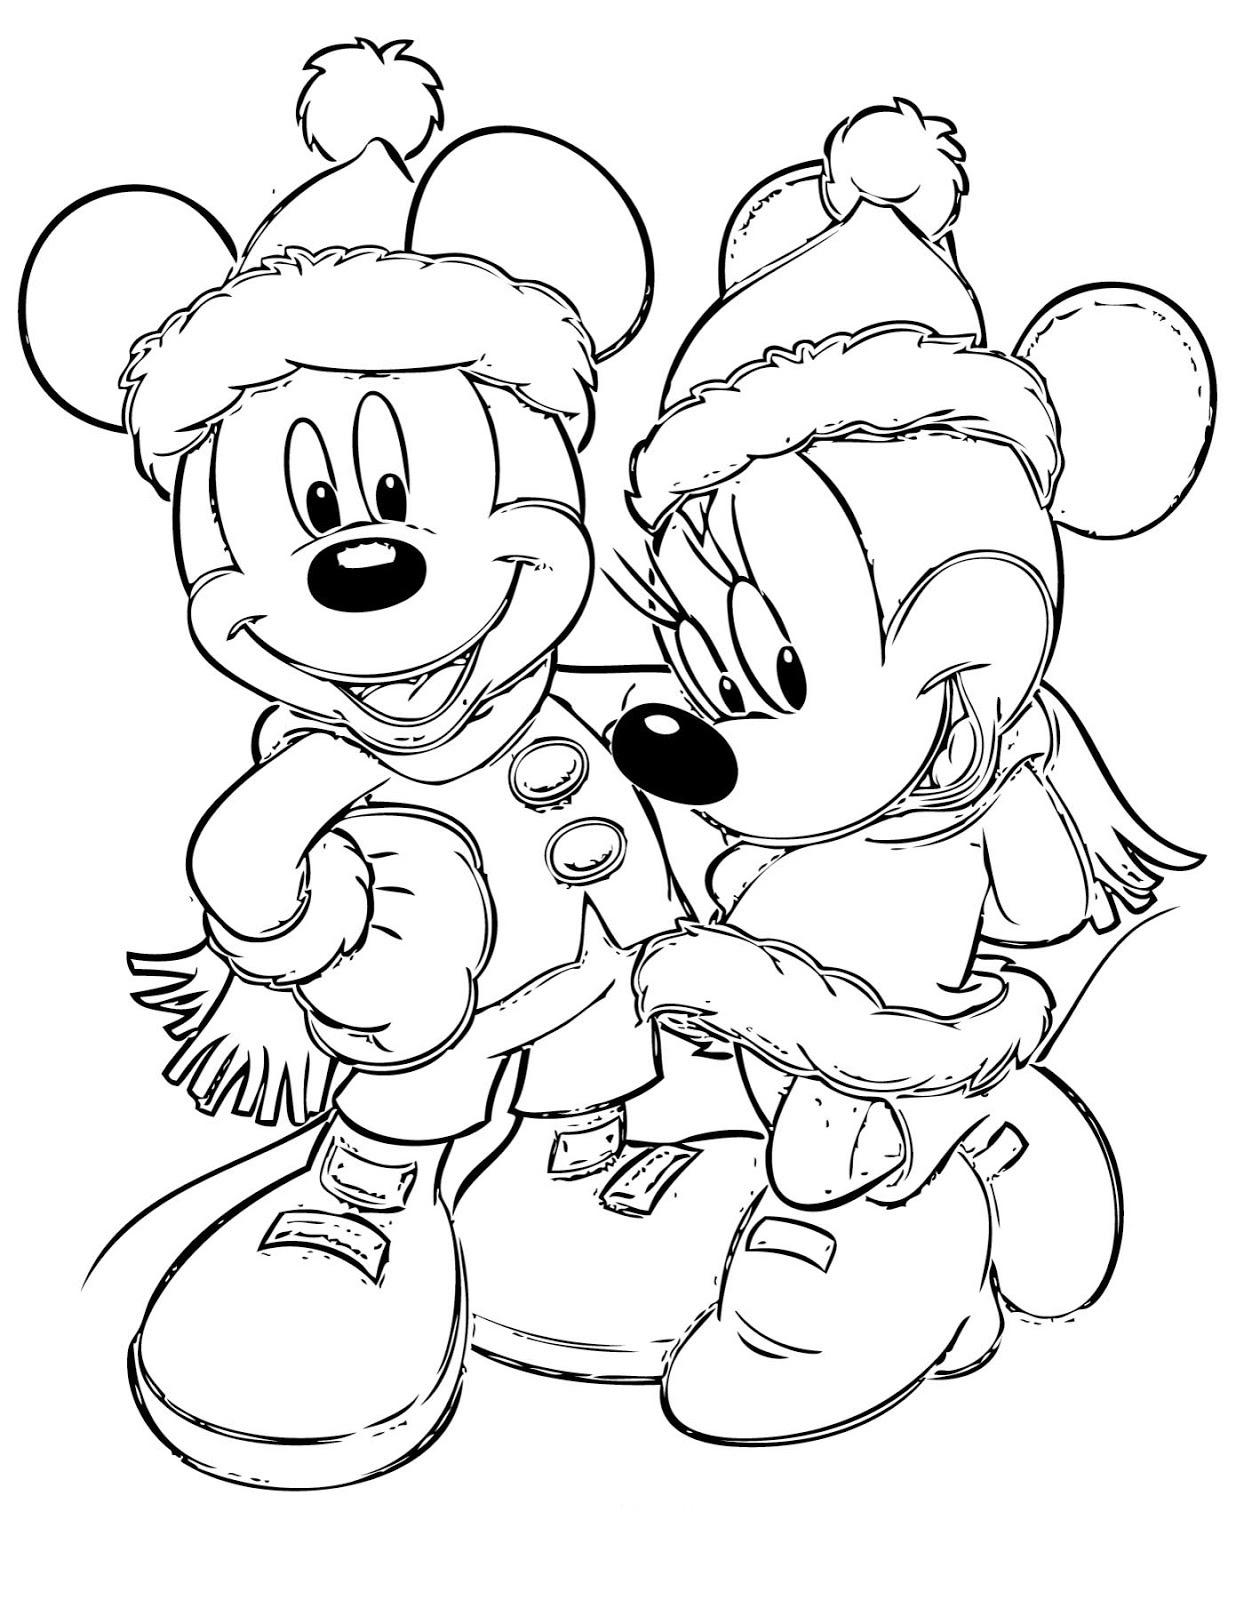 Dibujos disney navidad para colorear e imprimir gratis - Dibujos navidad en color ...